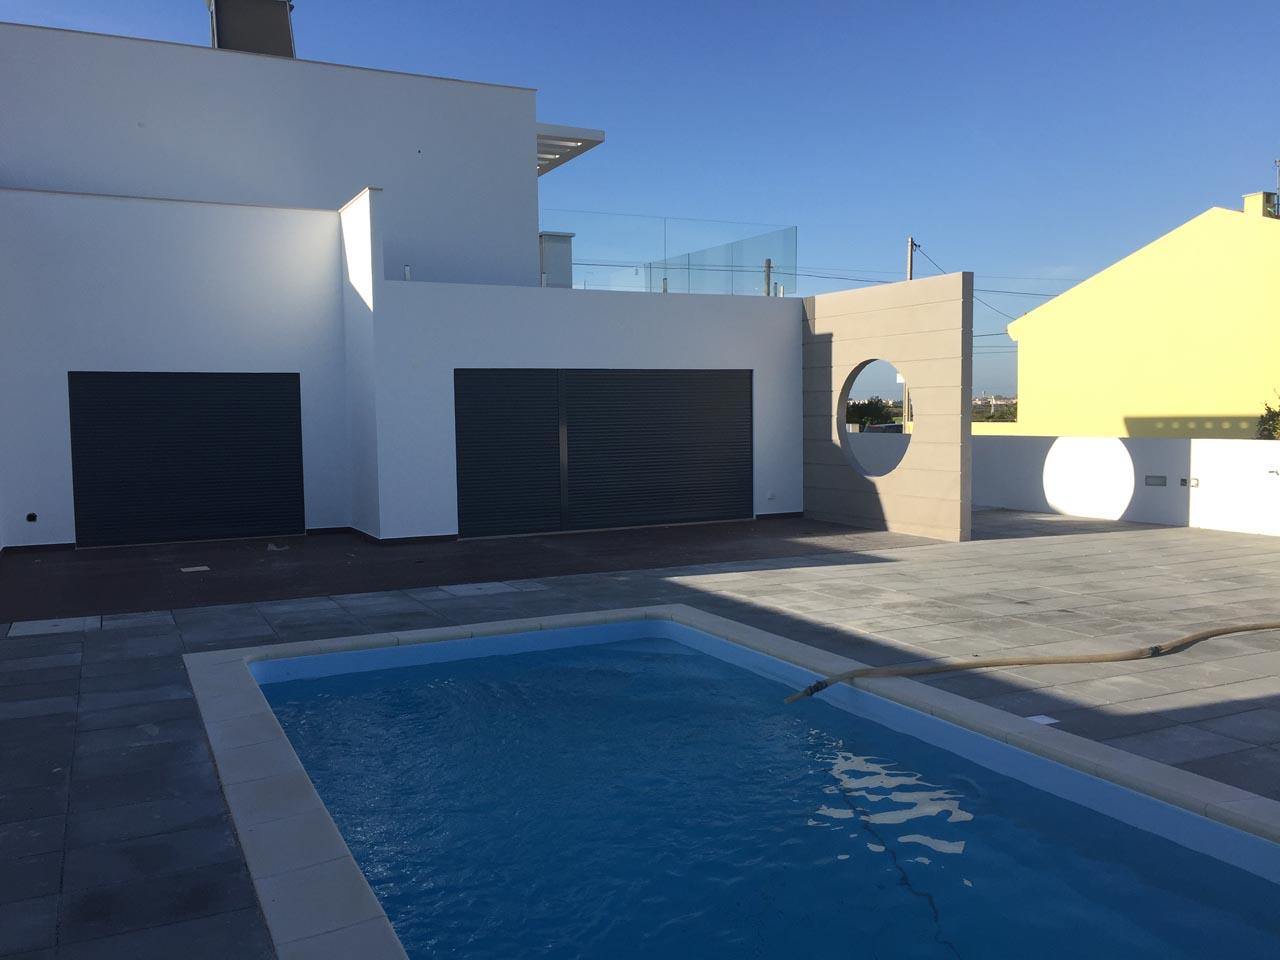 https://www.araujo-arquitectura.pt/wp-content/uploads/2020/12/IMG_4180.jpg